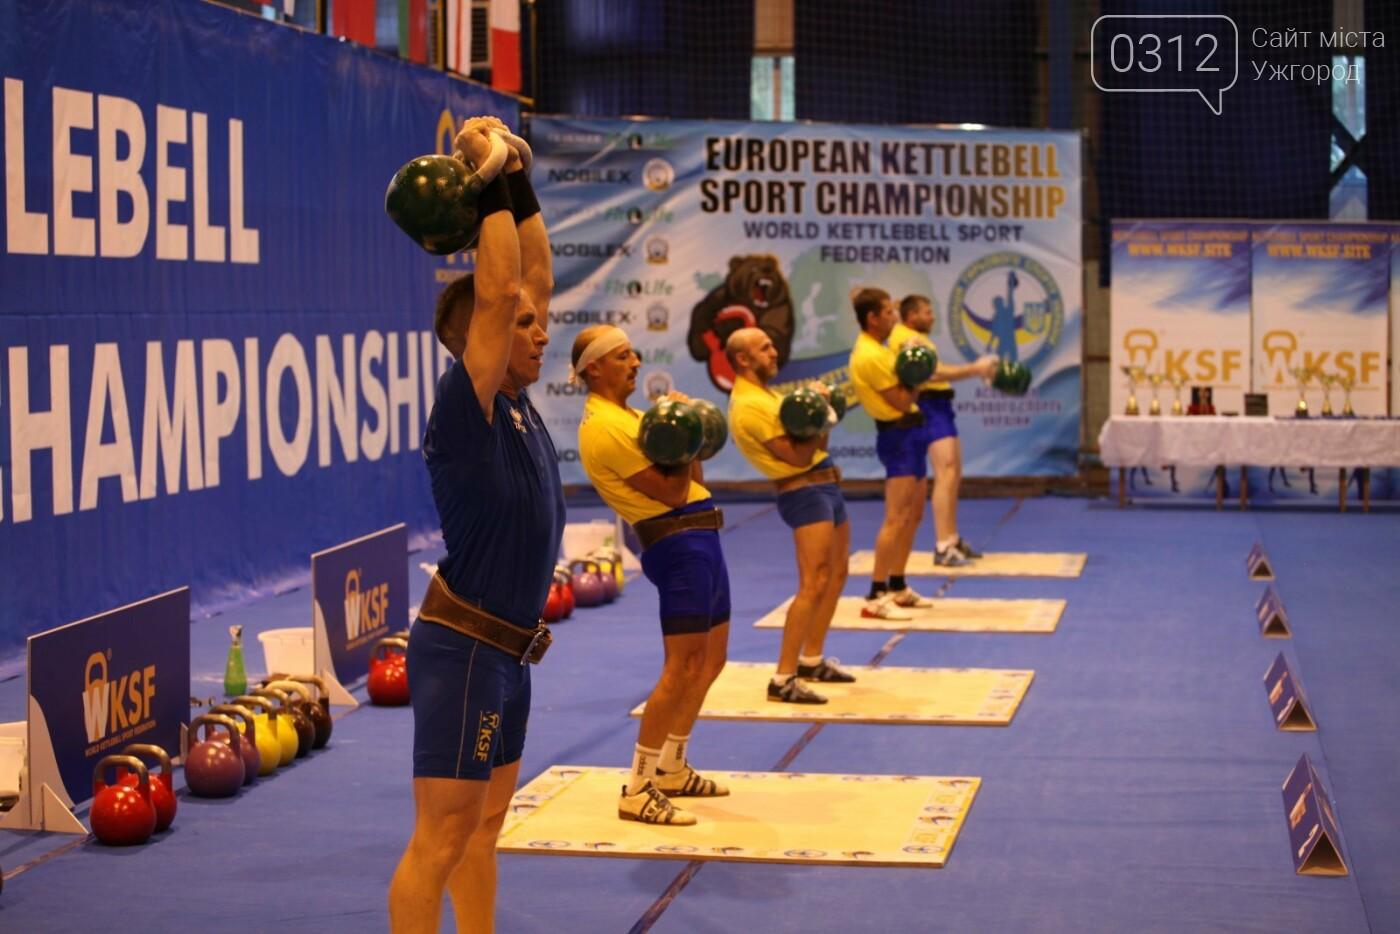 Троє закарпатців вибороли золото на Чемпіонаті Європи з гирьового спорту (ФОТО), фото-12